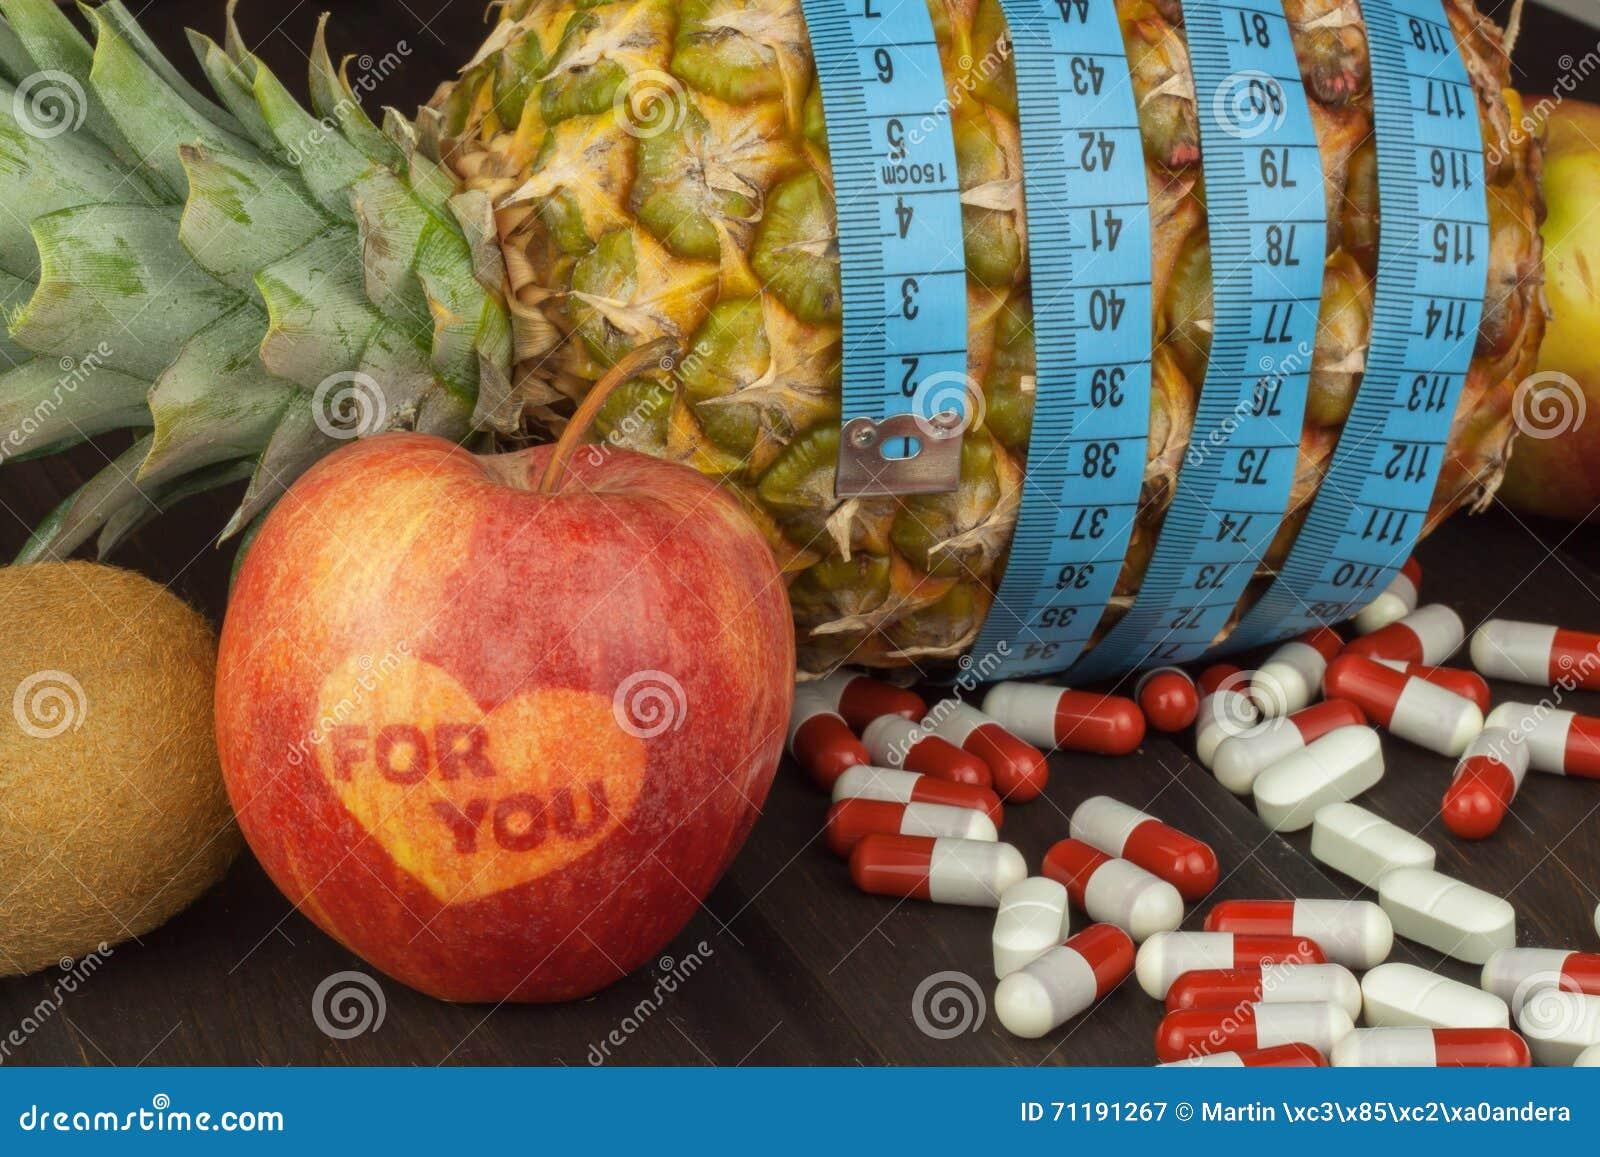 píldoras de arándano suplemento dietético